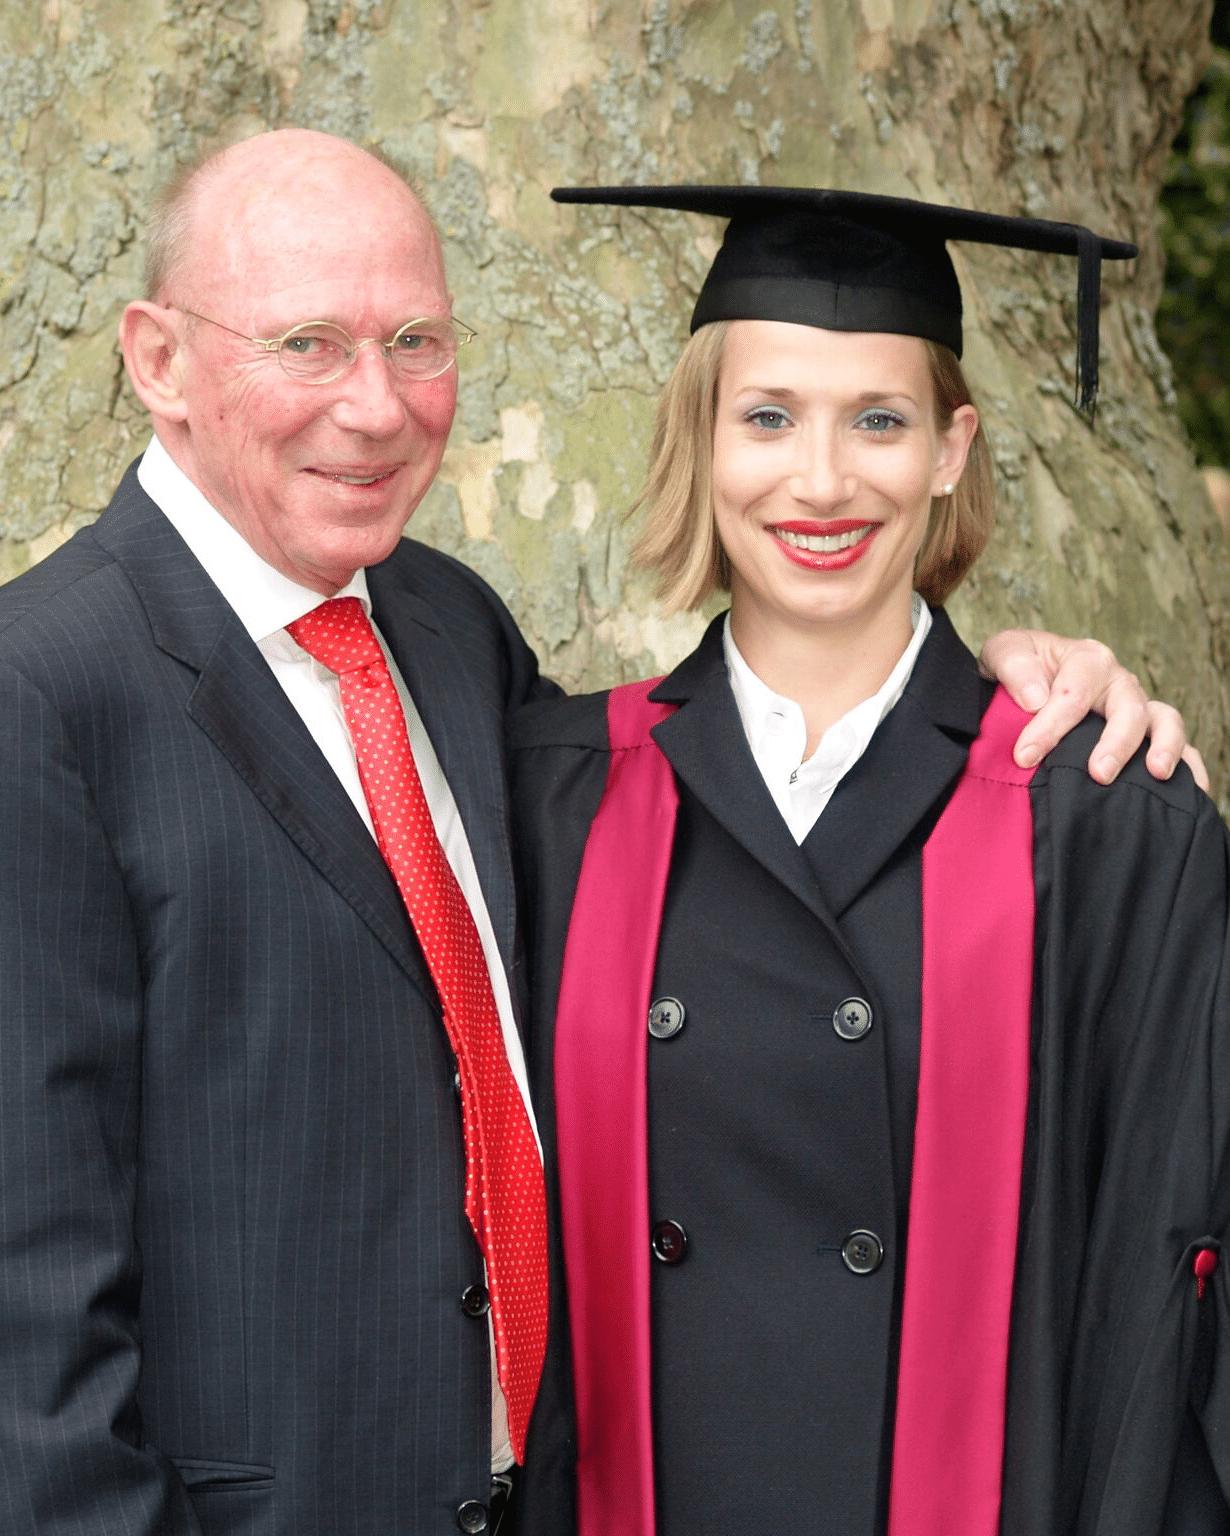 Frau Dr. Pirkko Schuppan bei Ihrer Graduierung